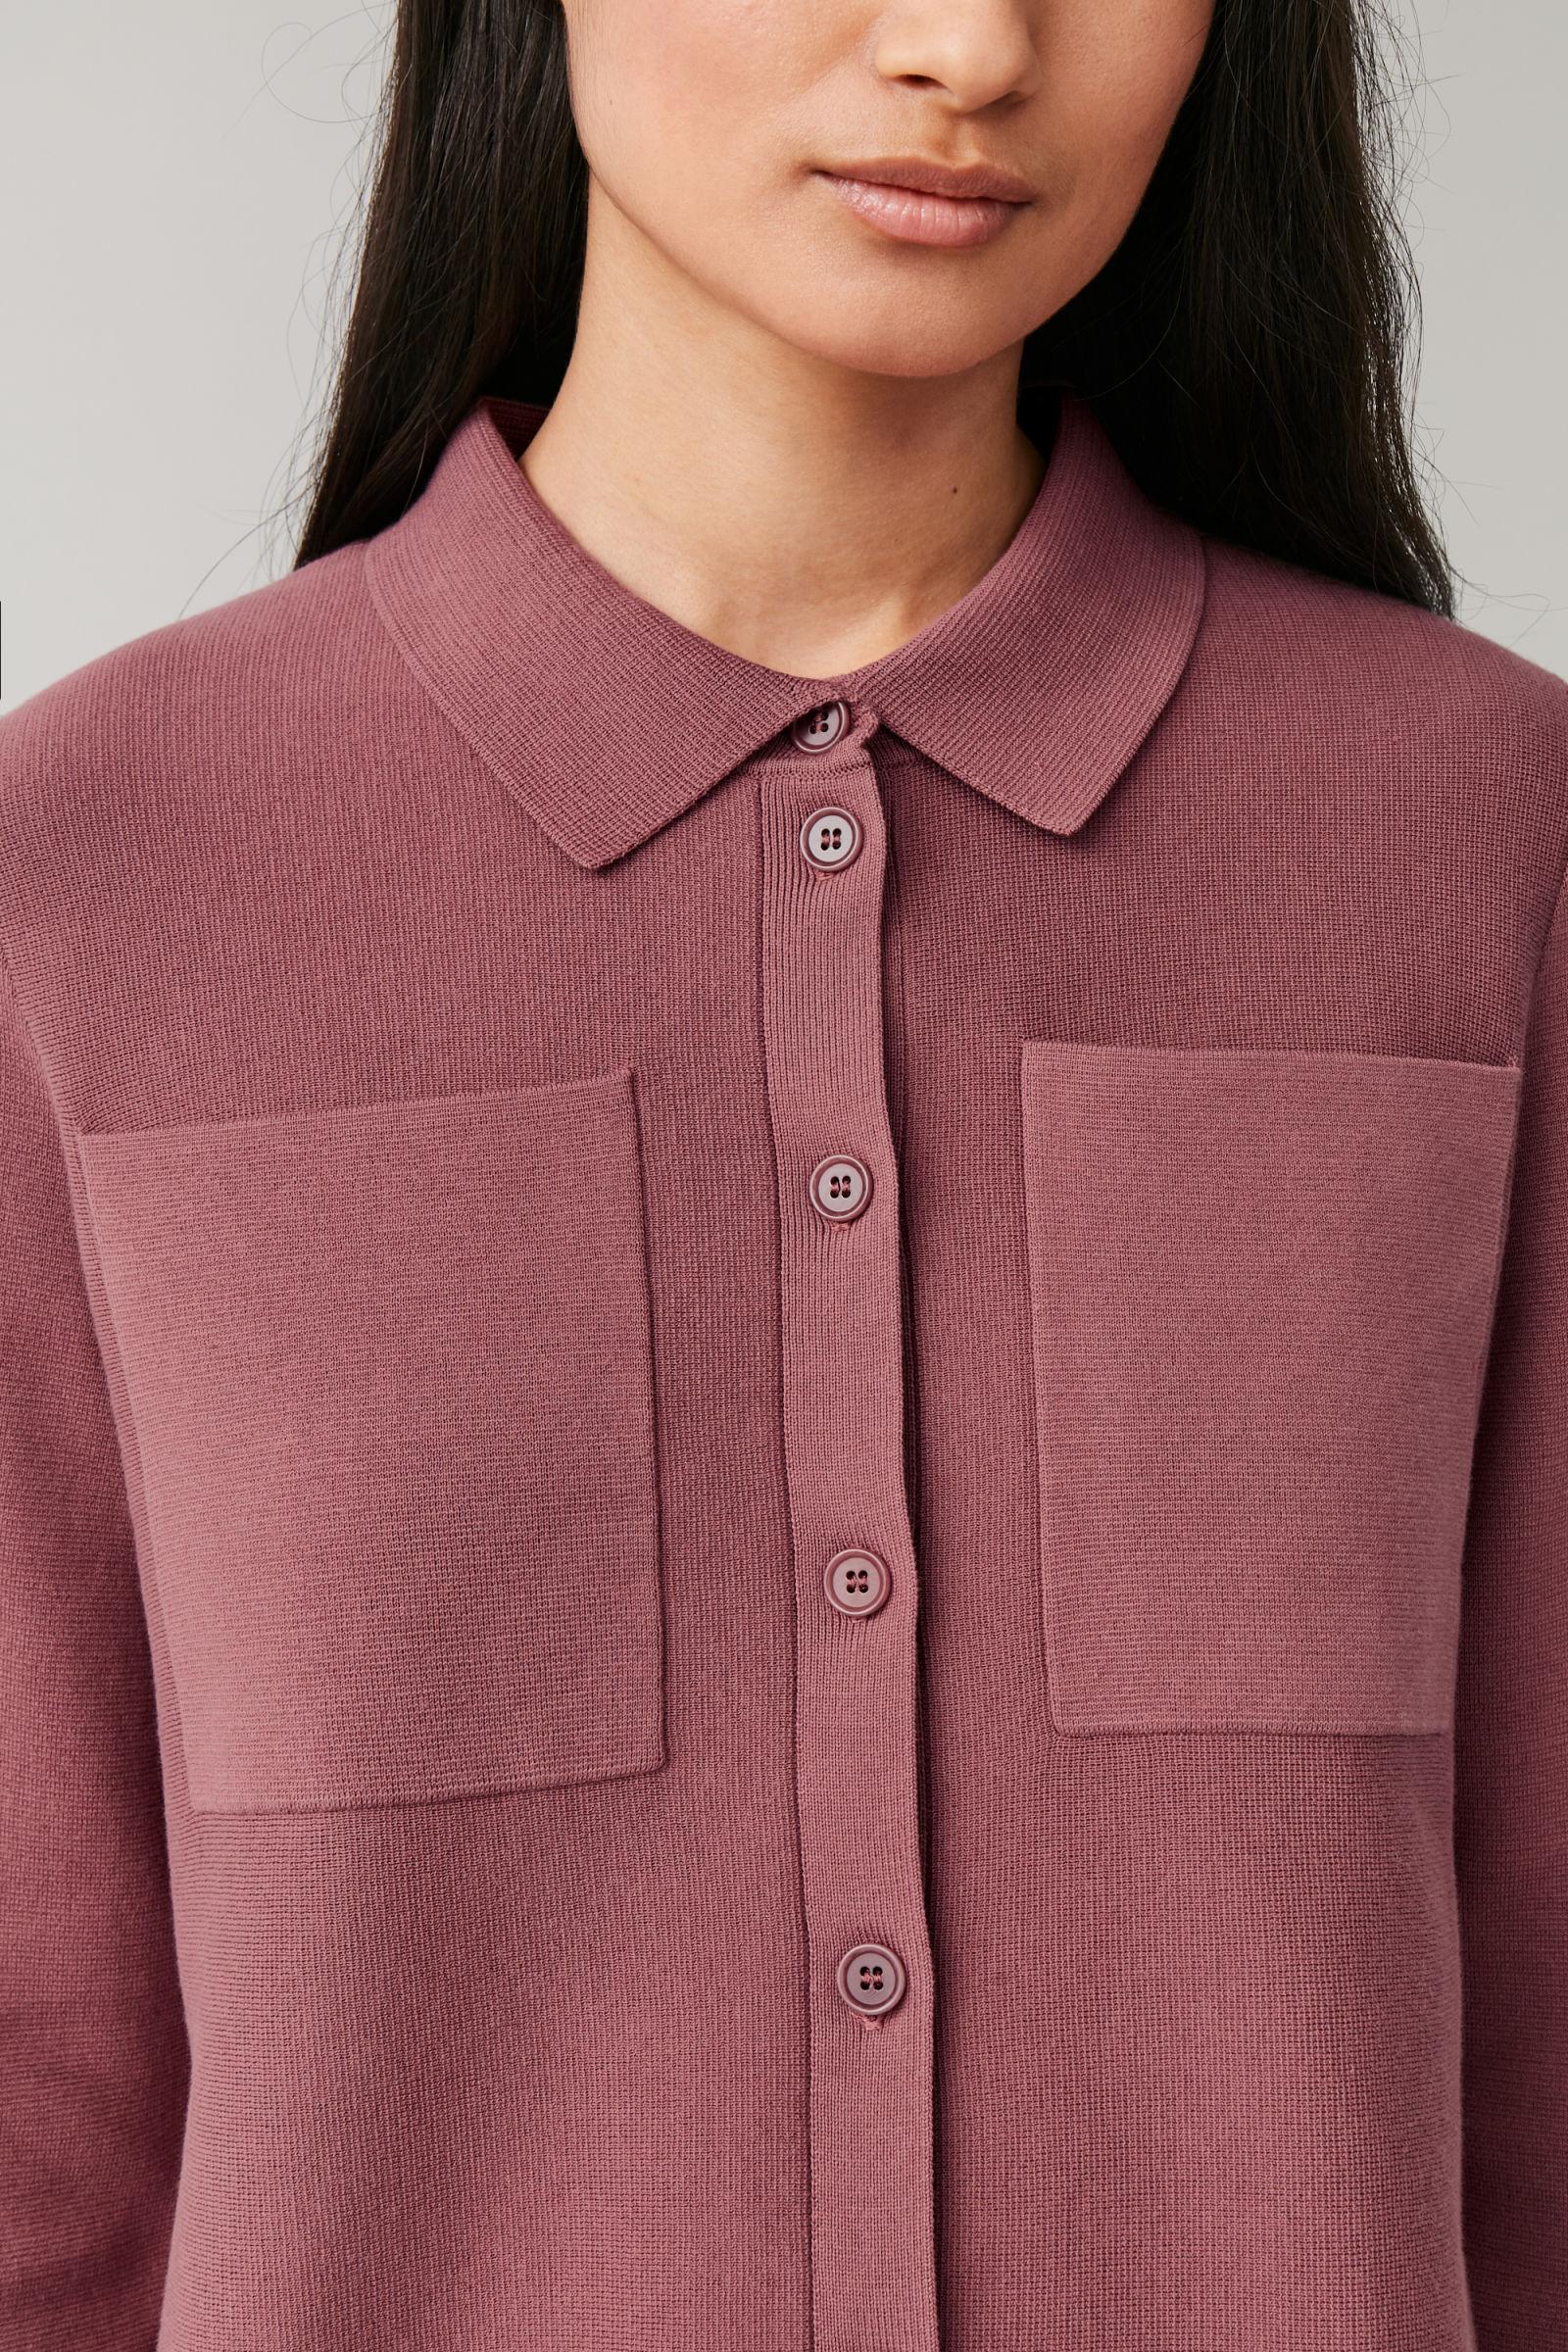 COS jersey knit suit